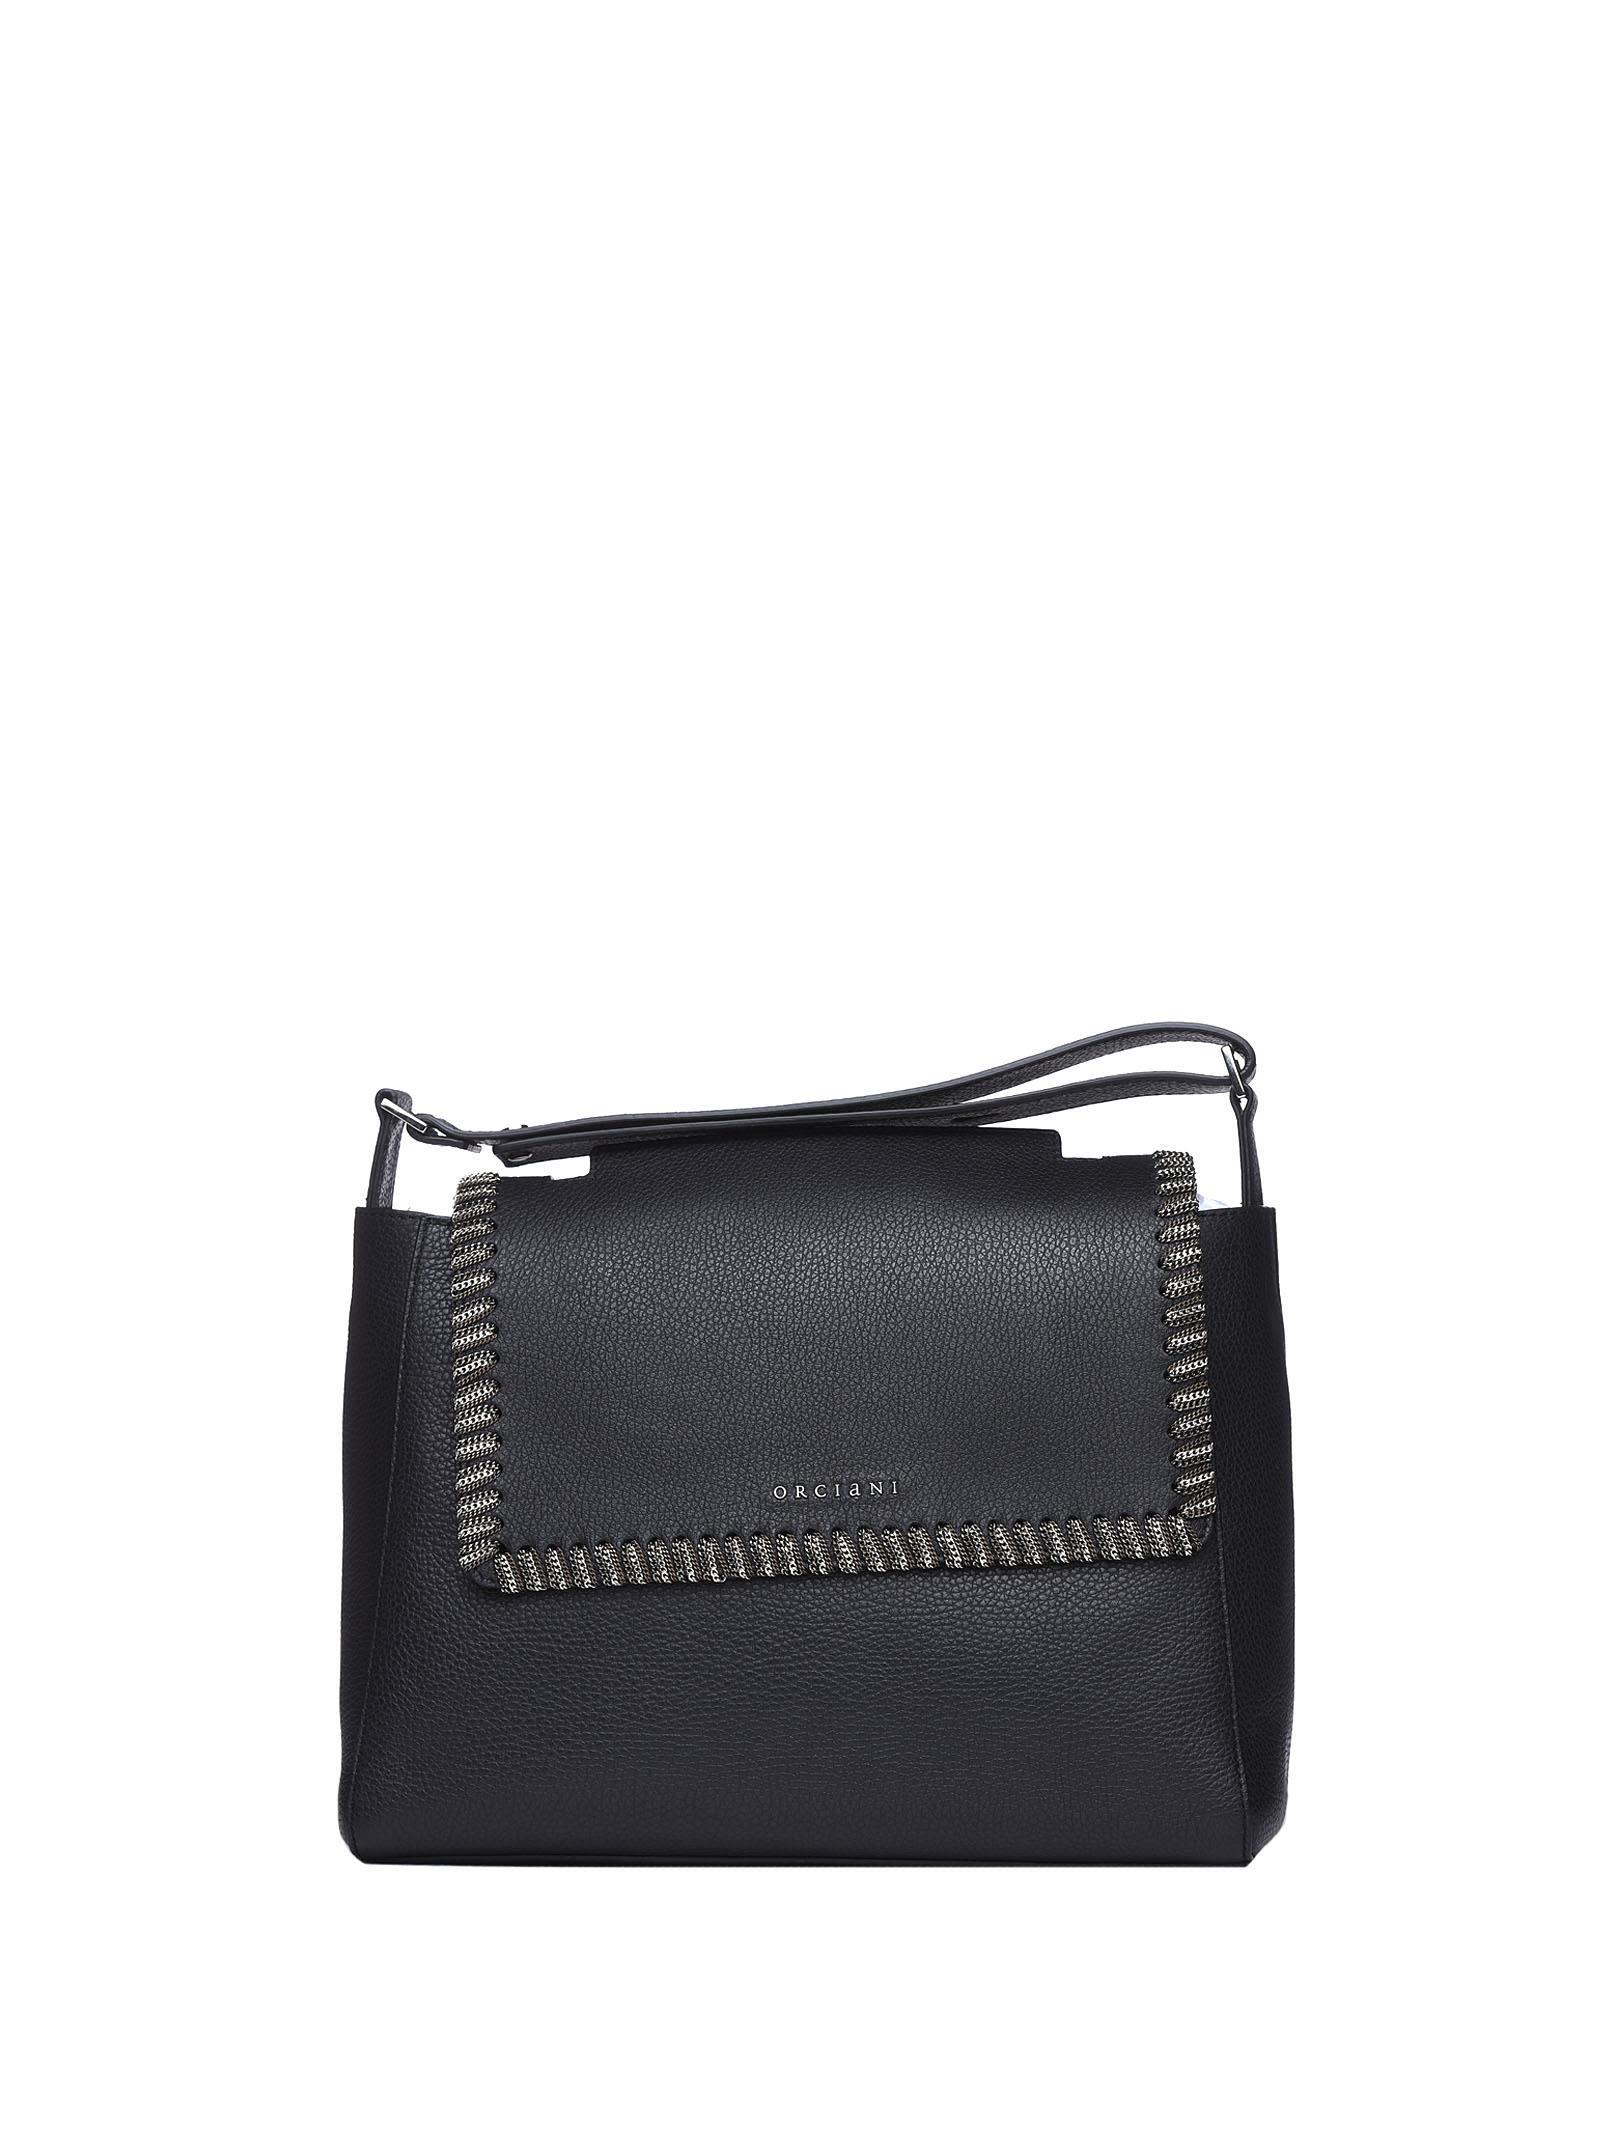 Sveva M Chain Bag